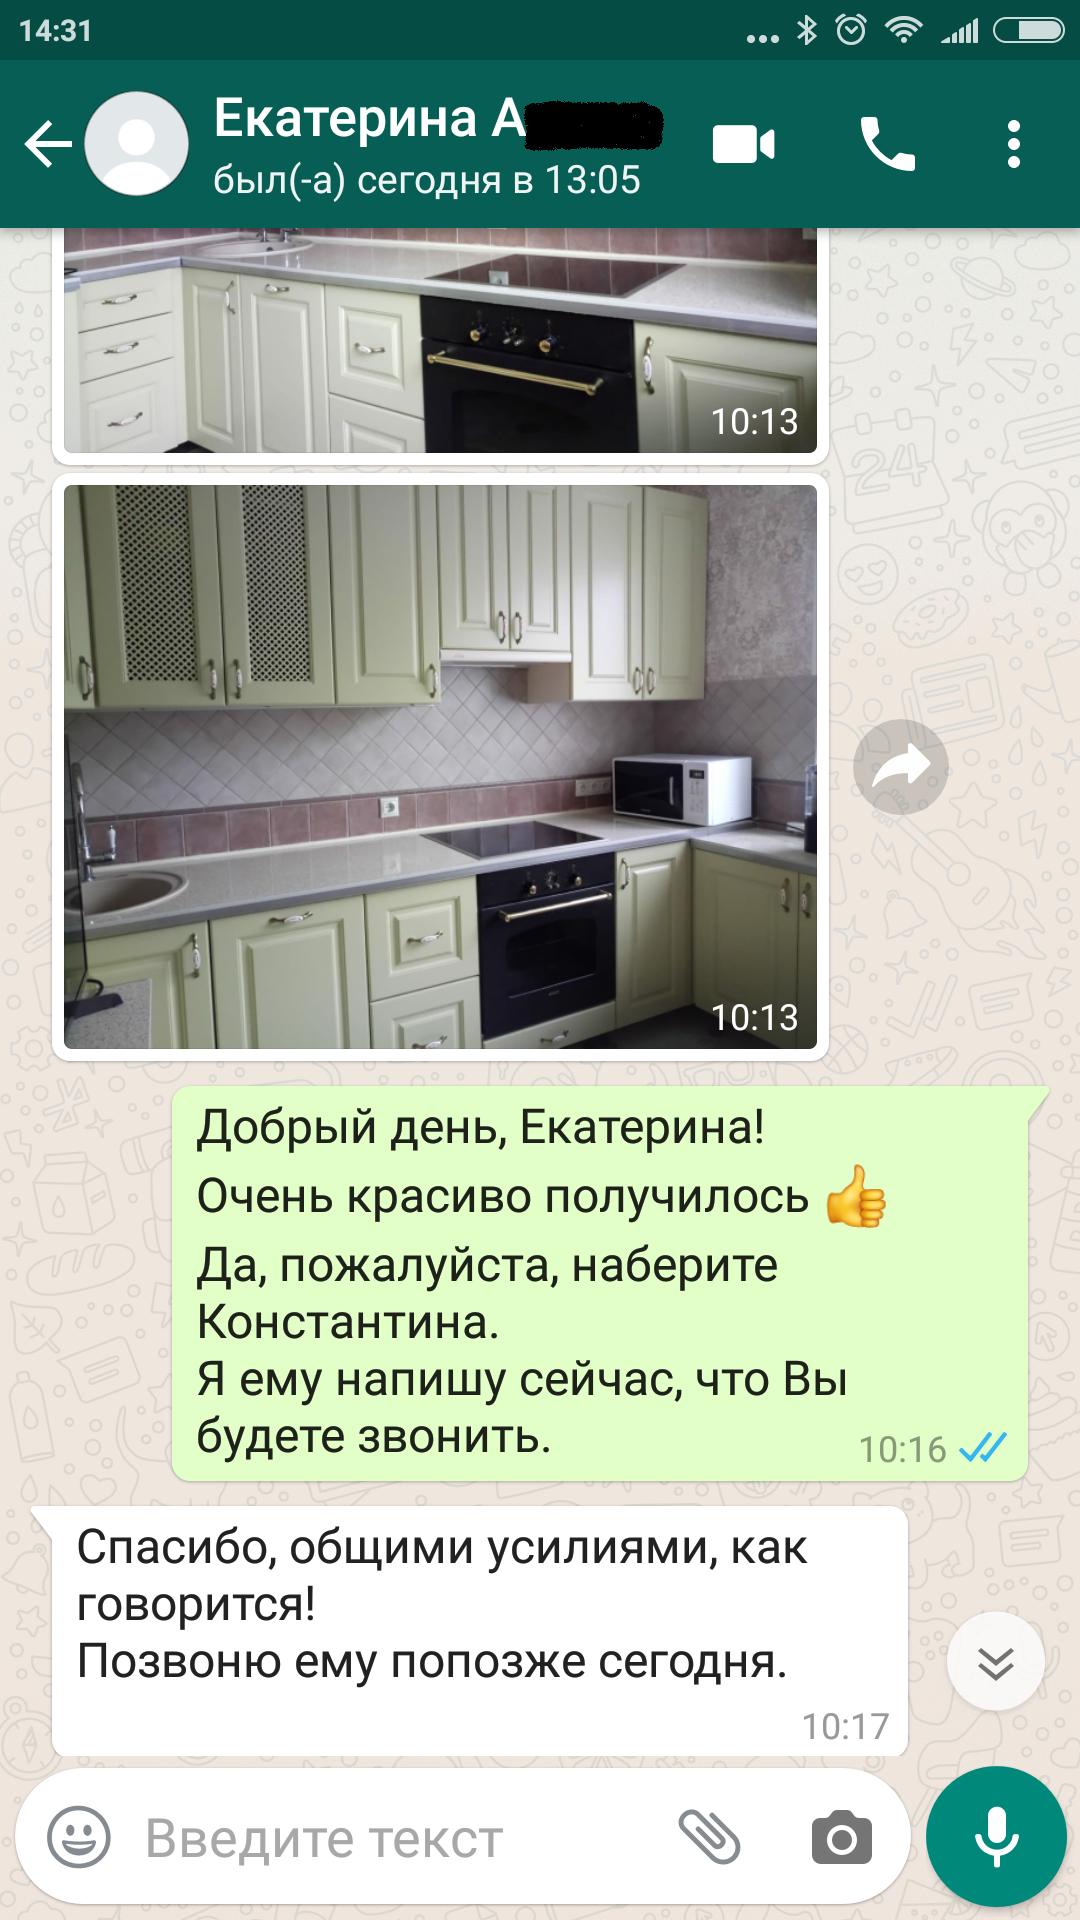 otzyv_ekaterina_kuhnya1